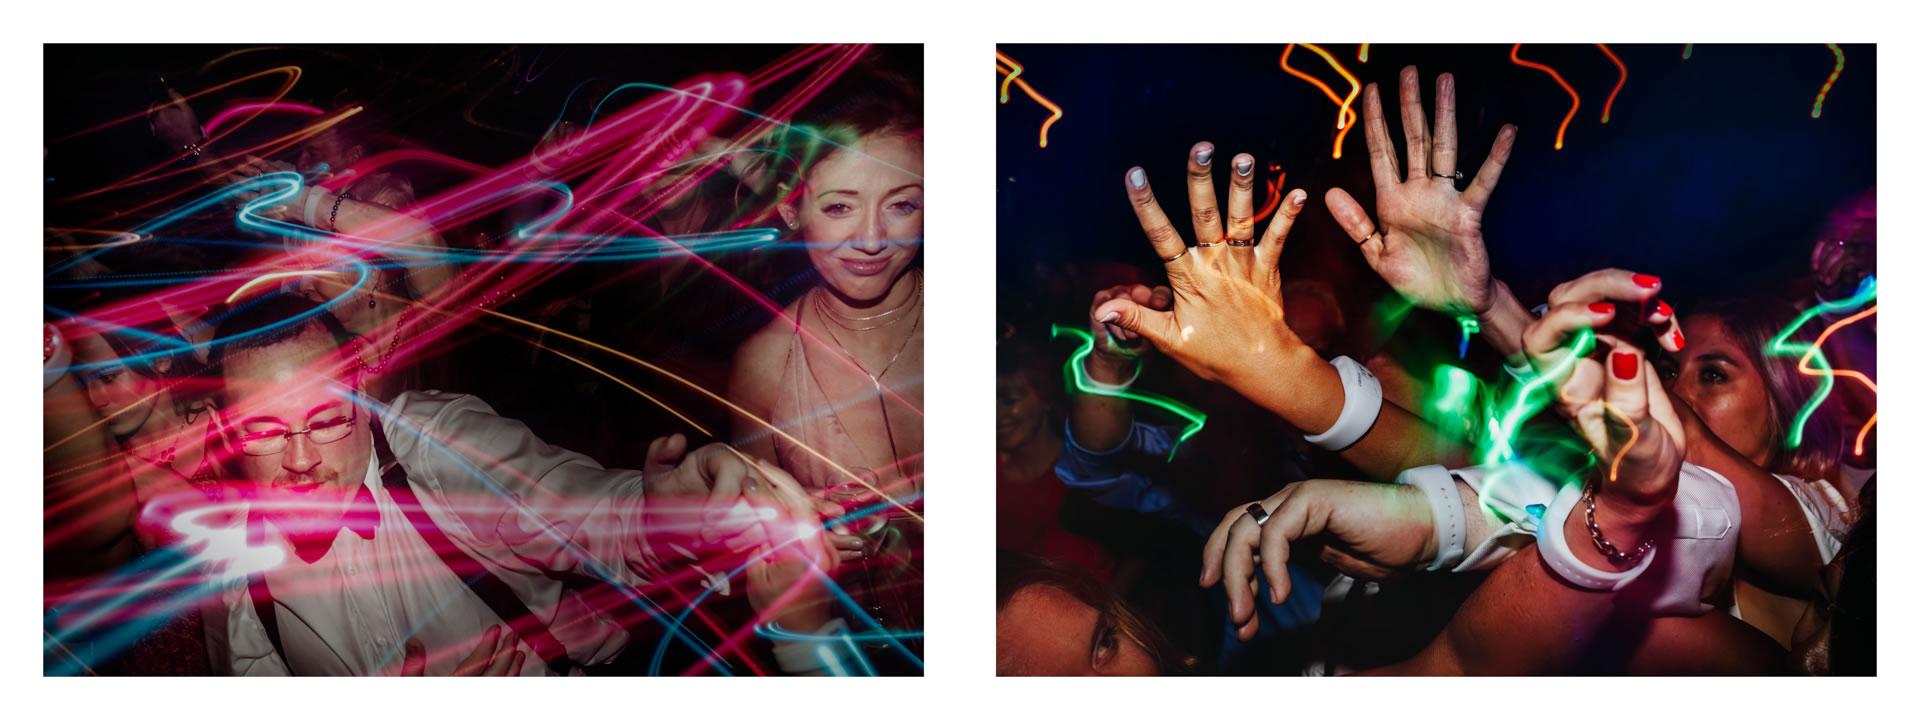 same-sex-love-in-portofino-david-bastianoni-photographer-00036 - 36 :: Wedding in Portofino // WPPI 2018 // The man that I love :: Luxury wedding photography - 35 :: same-sex-love-in-portofino-david-bastianoni-photographer-00036 - 36